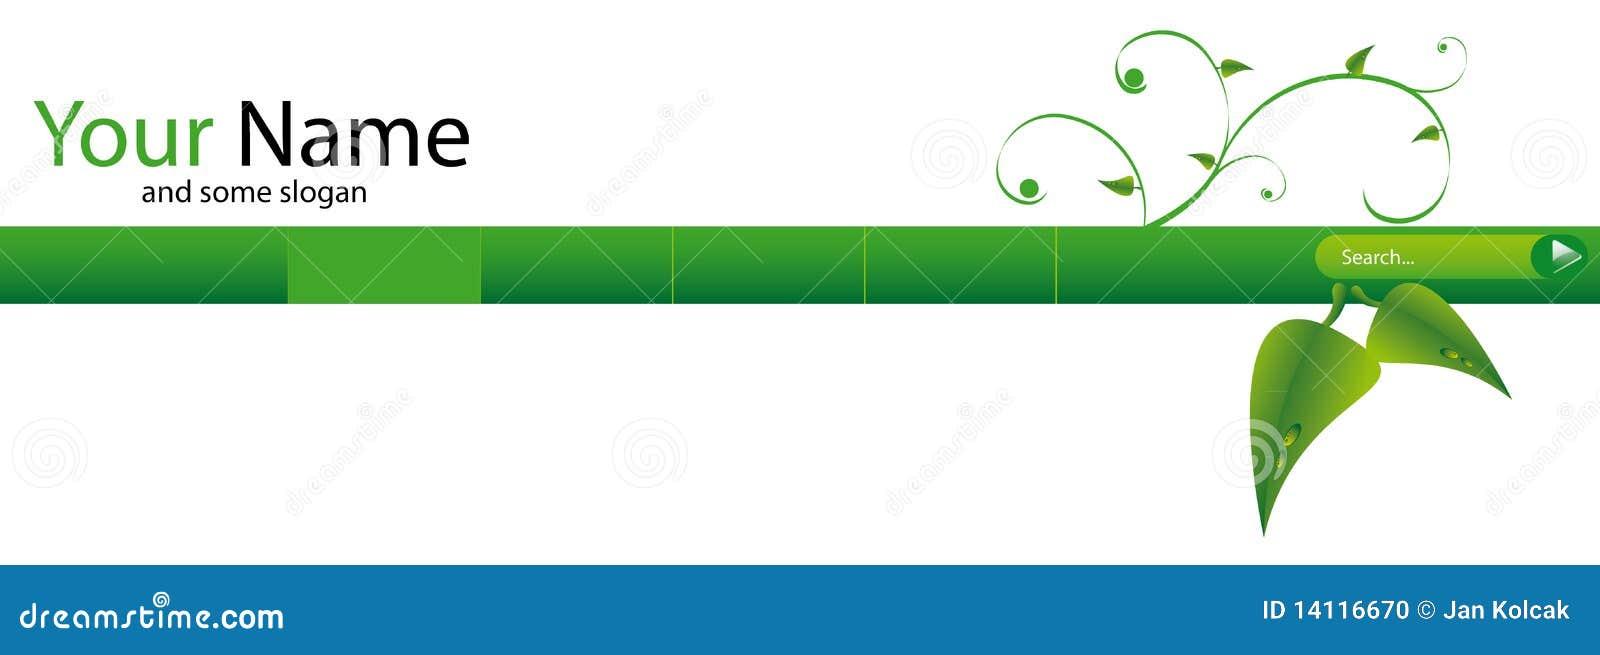 Chodnikowiec zielona sieć